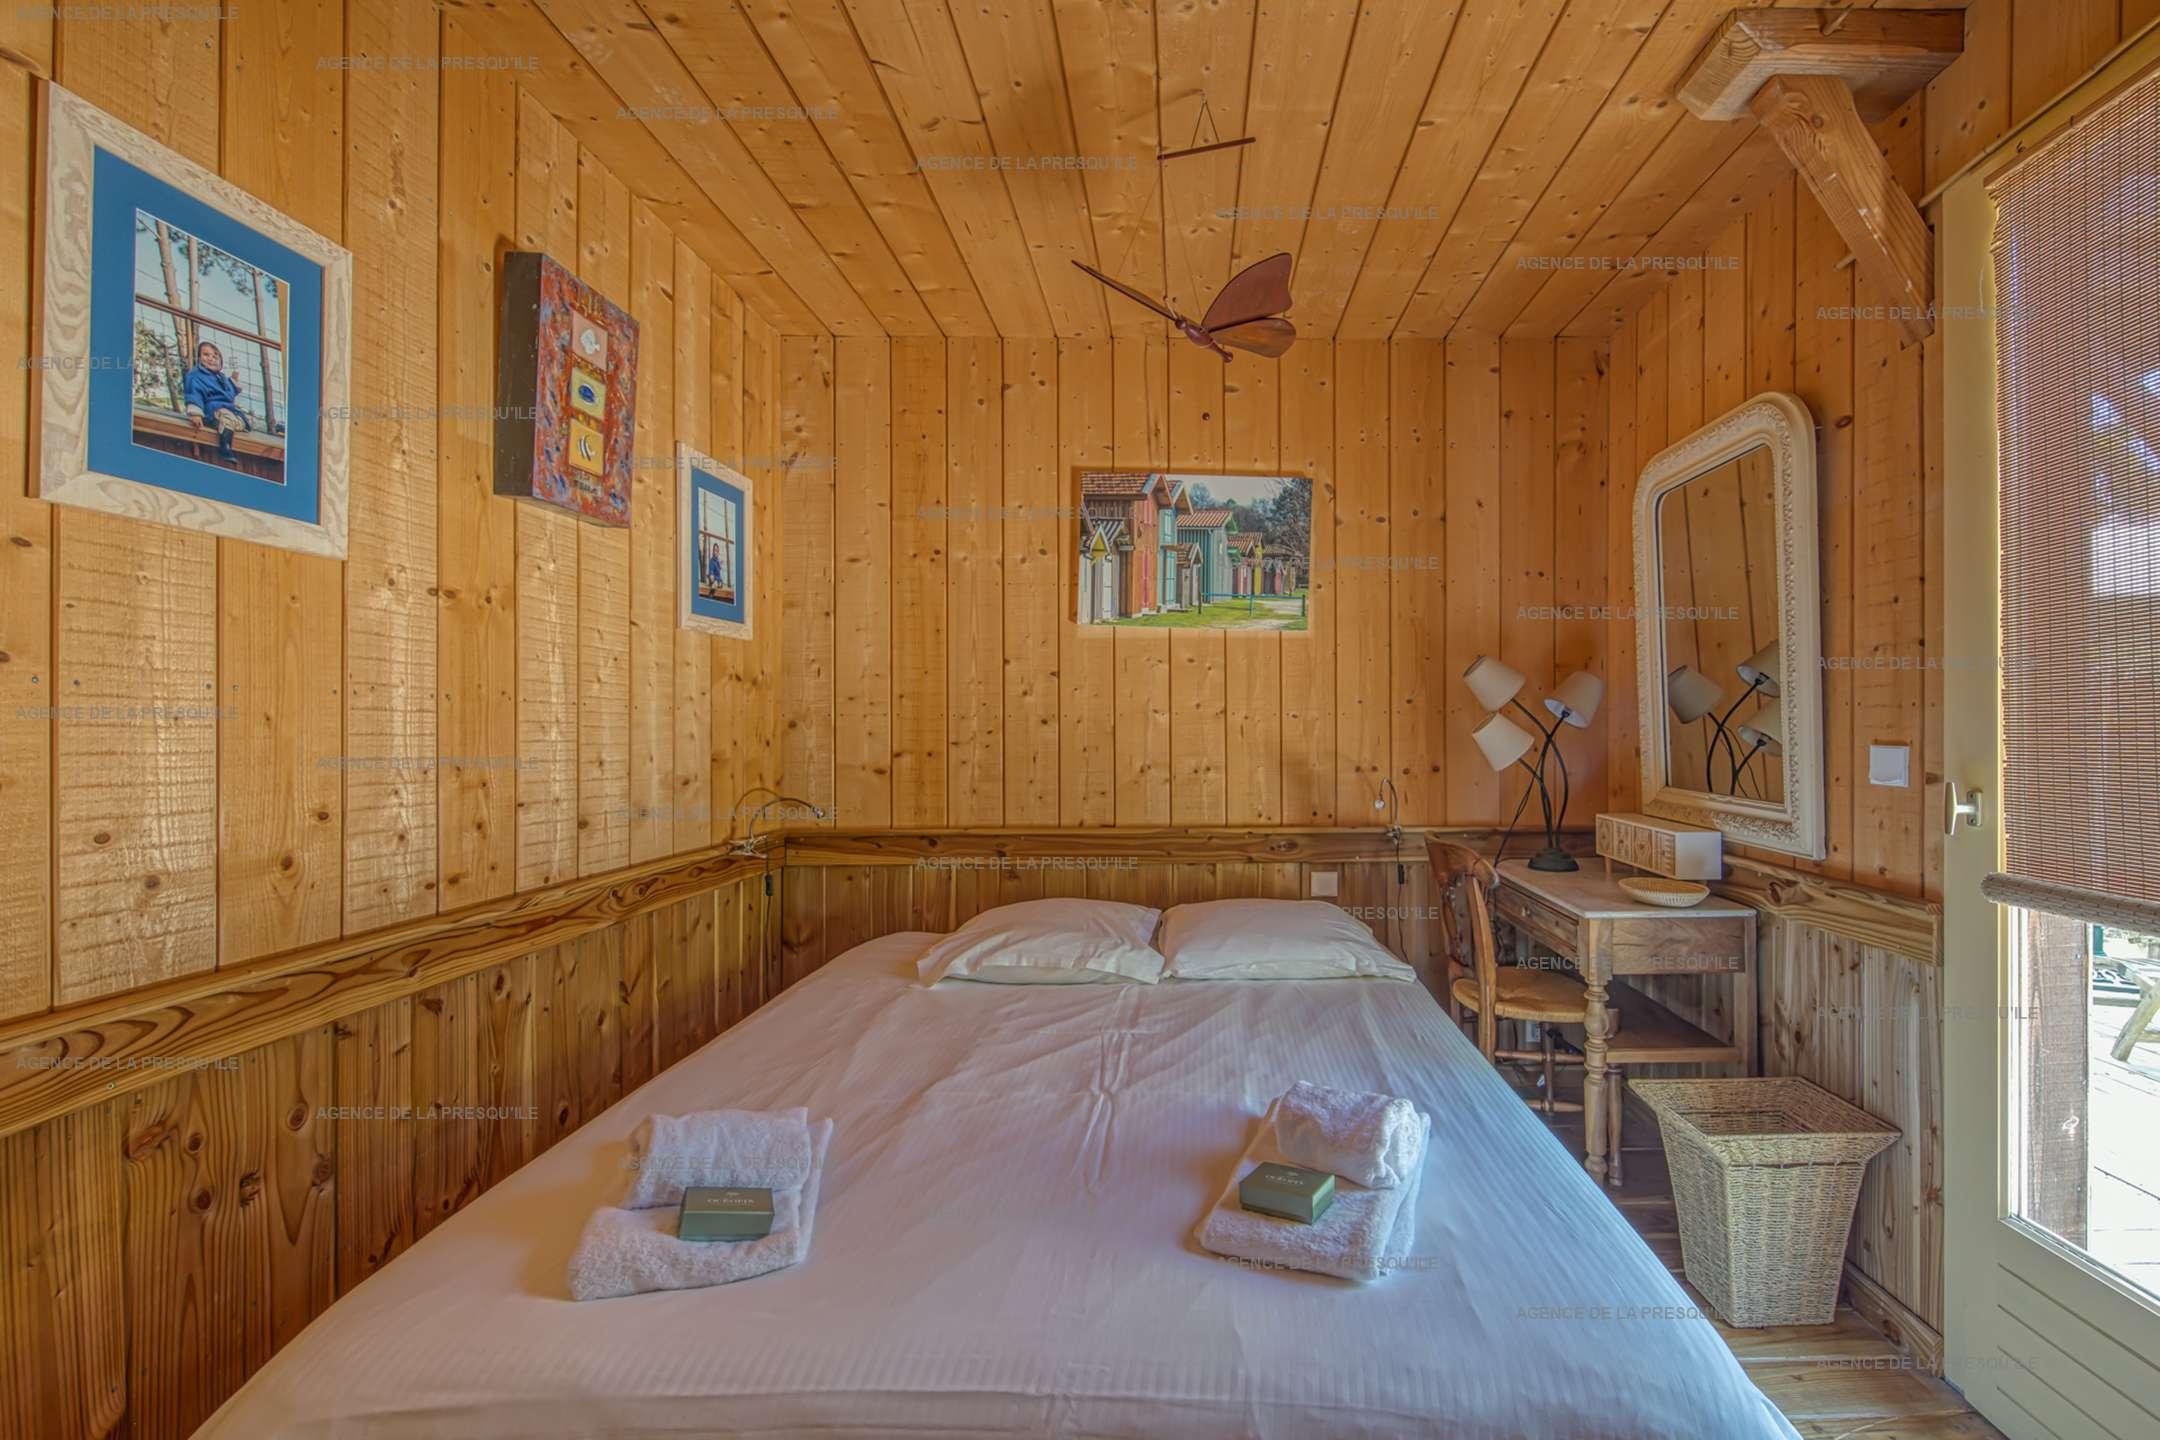 Location: Très belle villa en bois avec vue panoramique sur le bassin 12